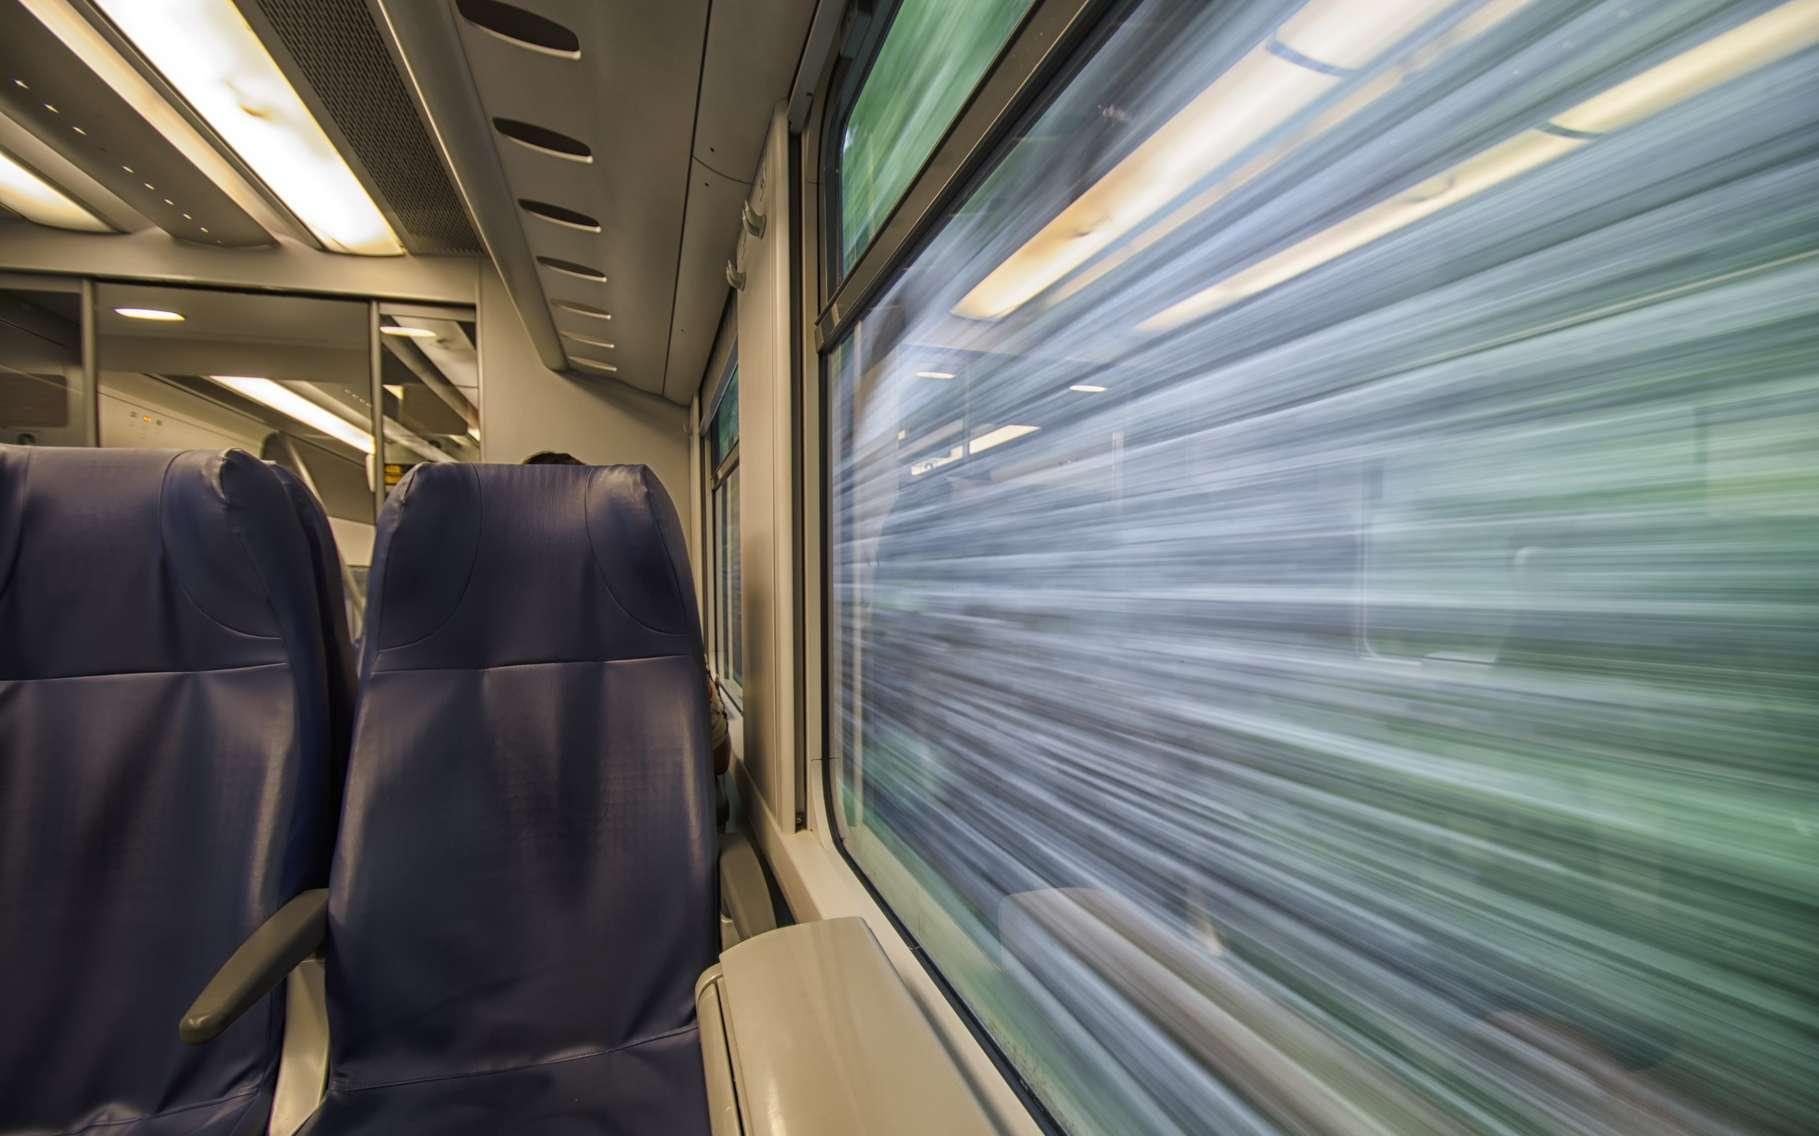 Avec une vitesse maximale qui pourrait atteindre les 1.200 km/h, le train subsonique Hyperloop ne possèdera pas de fenêtres car elles ne serviraient pas à grand-chose. Pour éviter que les passagers n'aient pas l'impression d'être trop confinés, l'idée est de remplacer les vitres par des écrans qui afficheront des images ou des informations personnalisables. © Sephirot17, Shutterstock